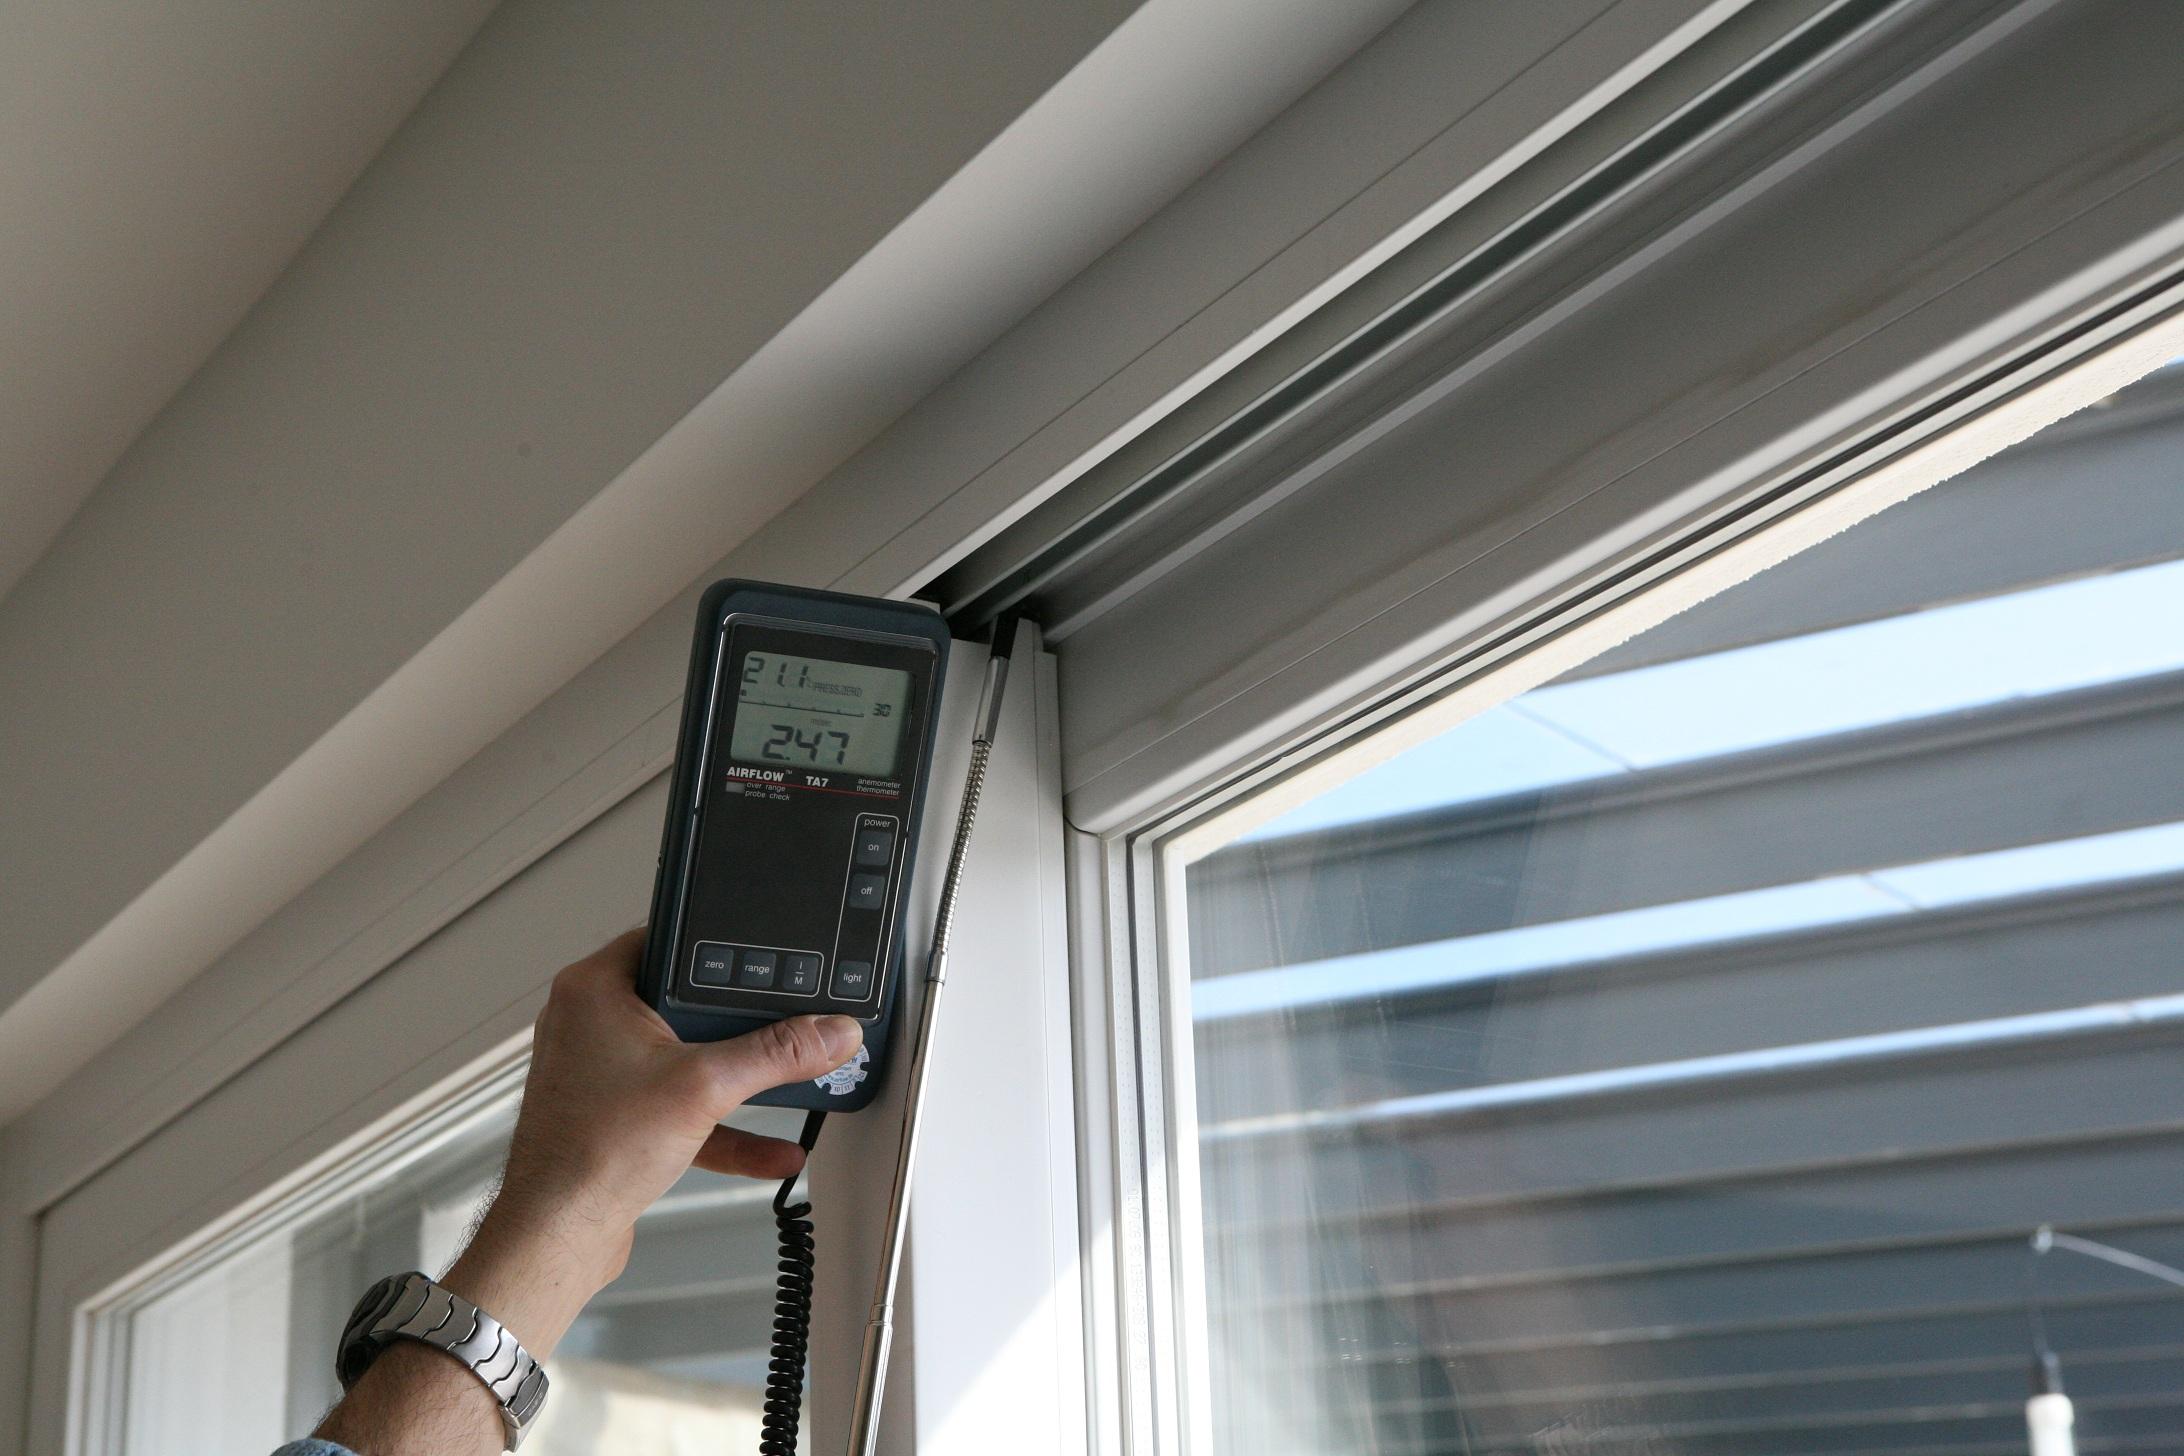 Residenza pontarolo la migliore energia quella risparmiata serramenti design - Isolare le finestre ...